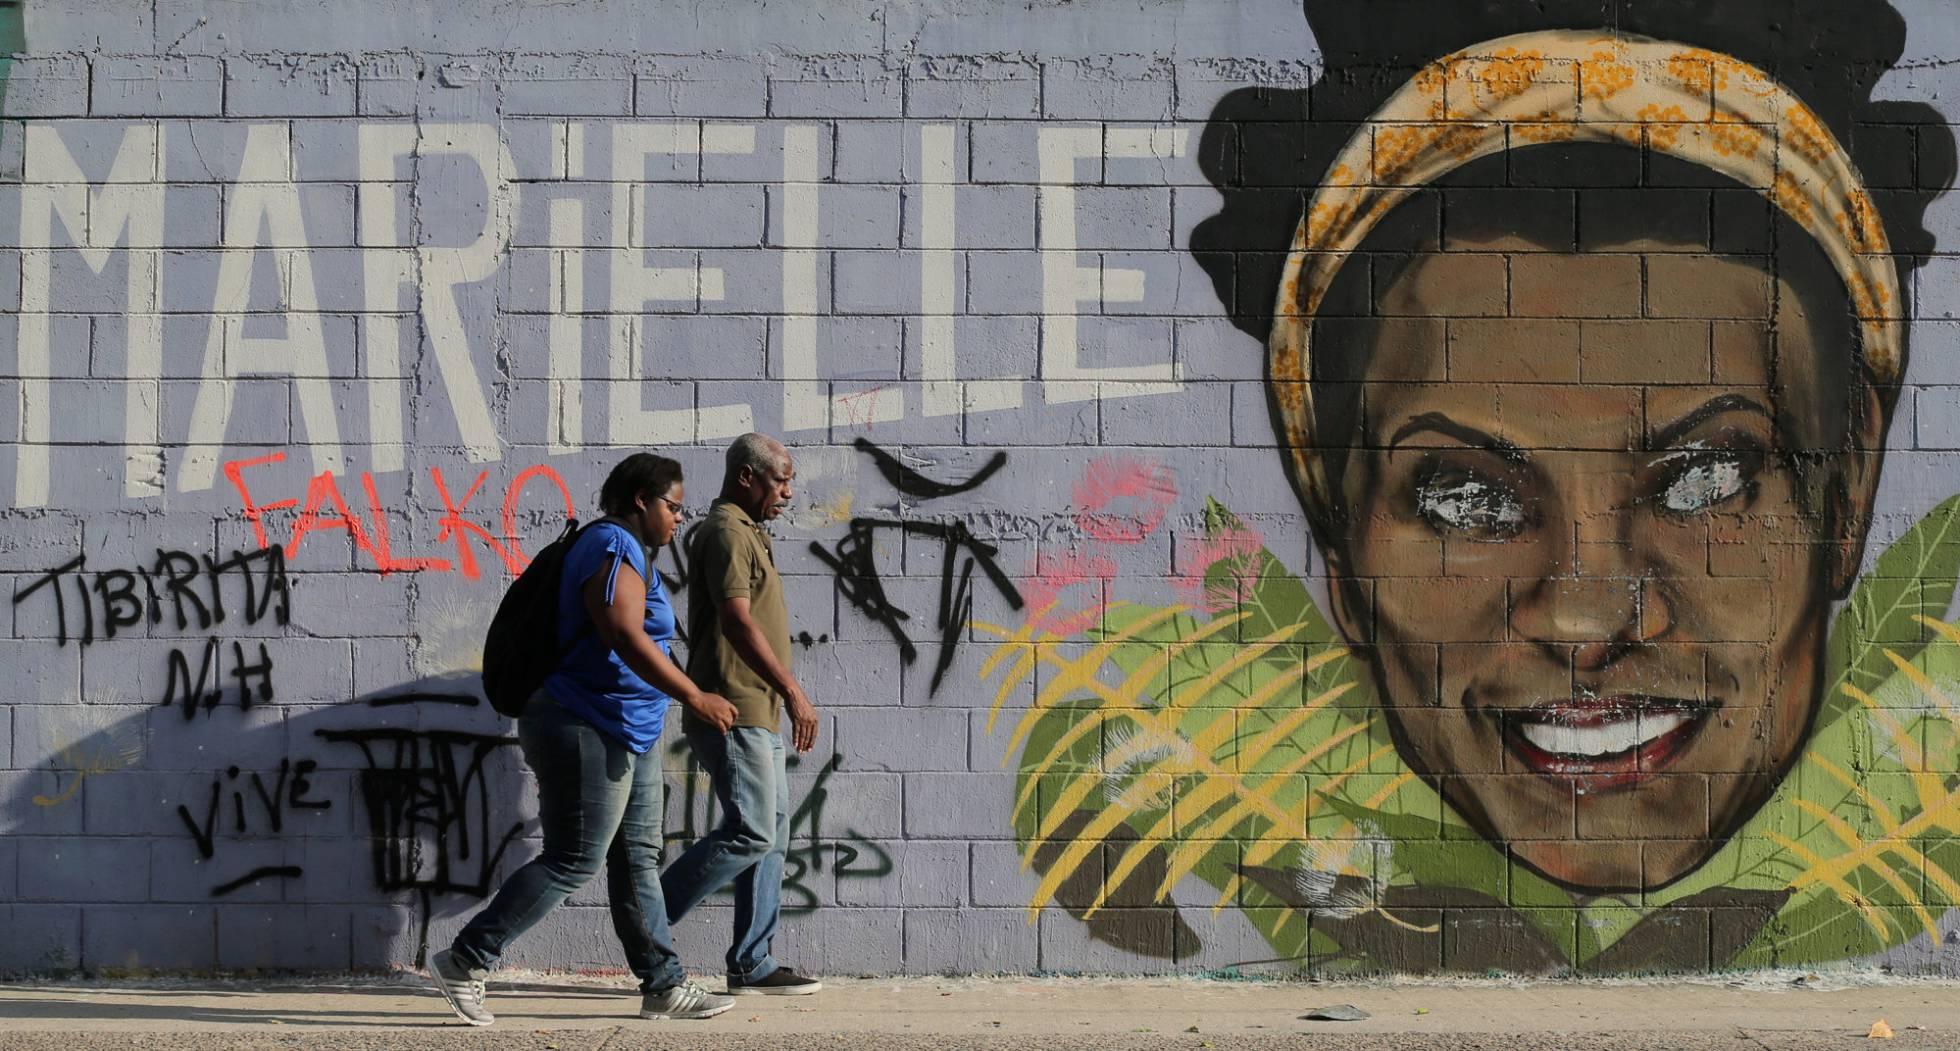 marielle-franco-la-imagen-de-la-encrucijada-politica-en-brasil